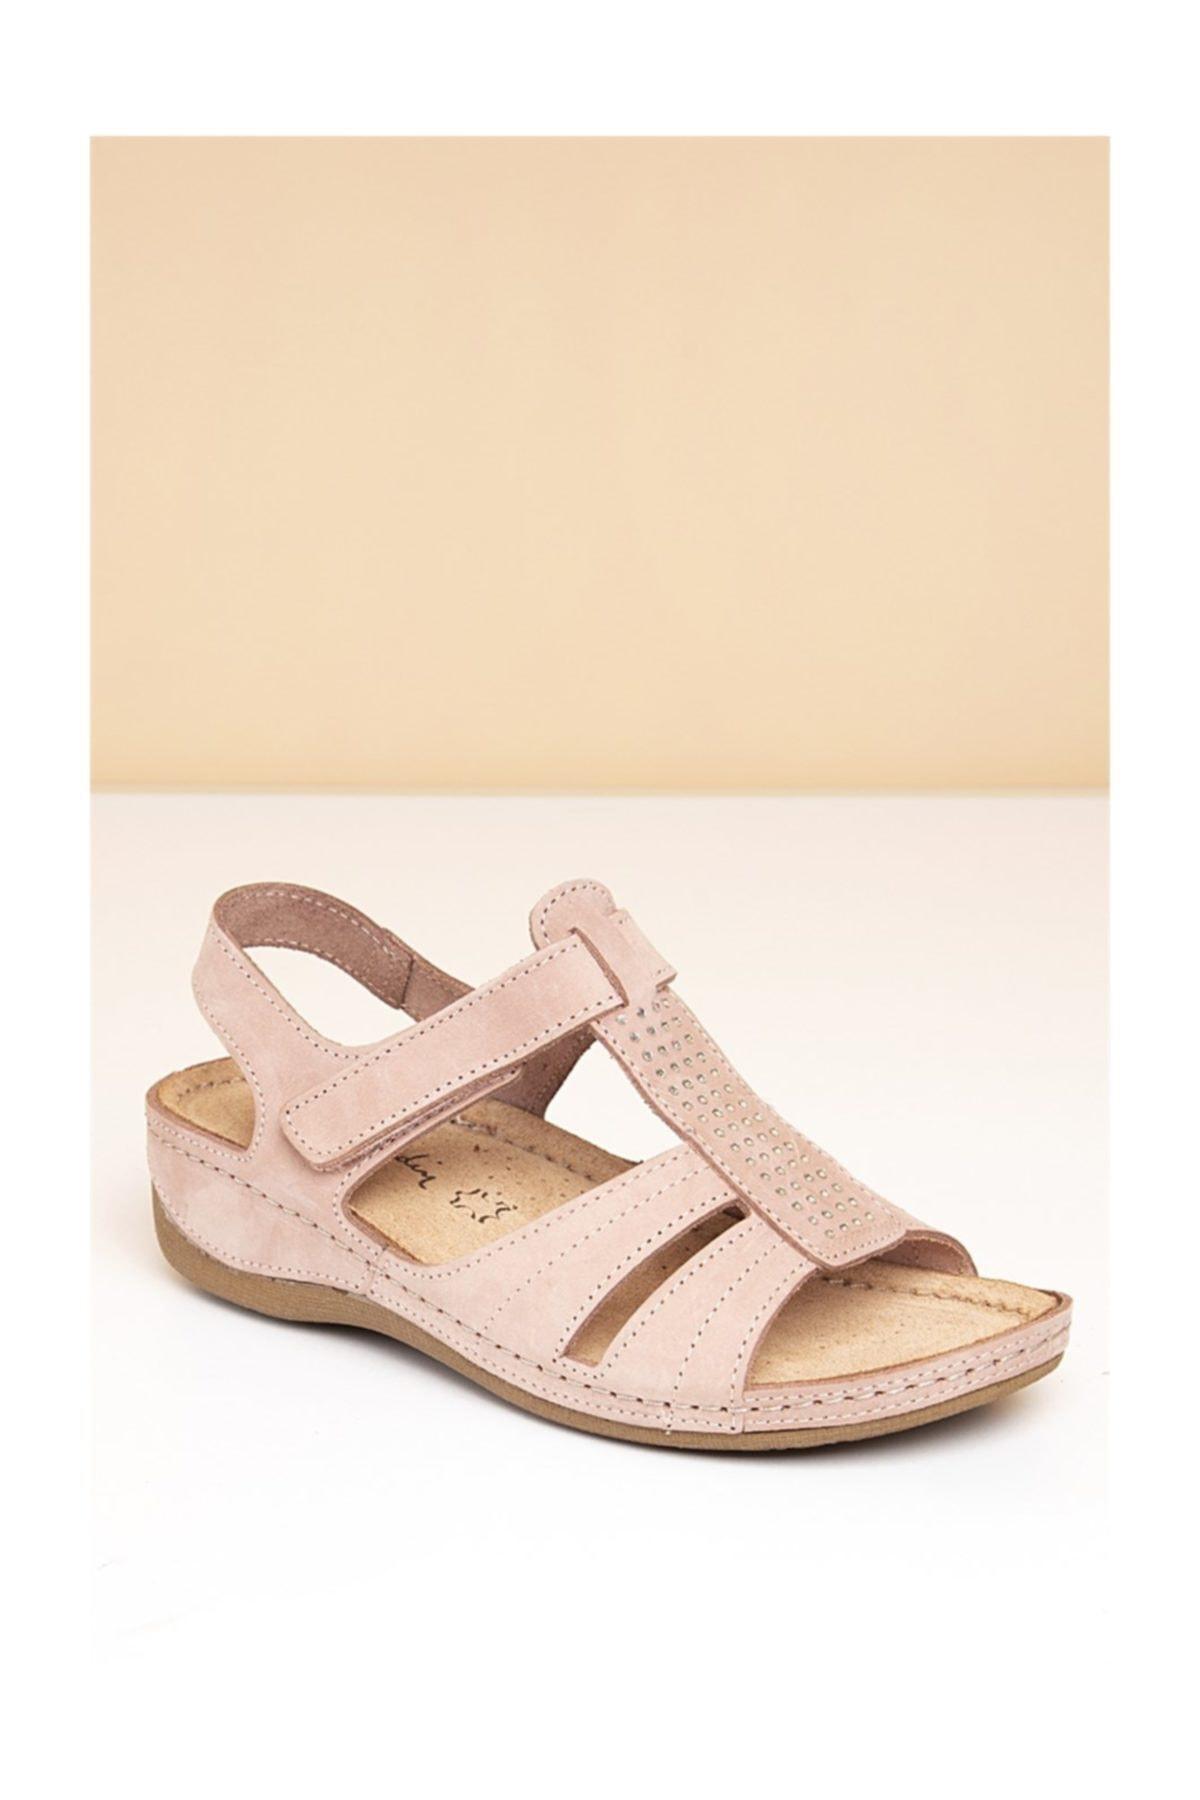 Pierre Cardin Pc-2607 Pudra Kadın Sandalet 1